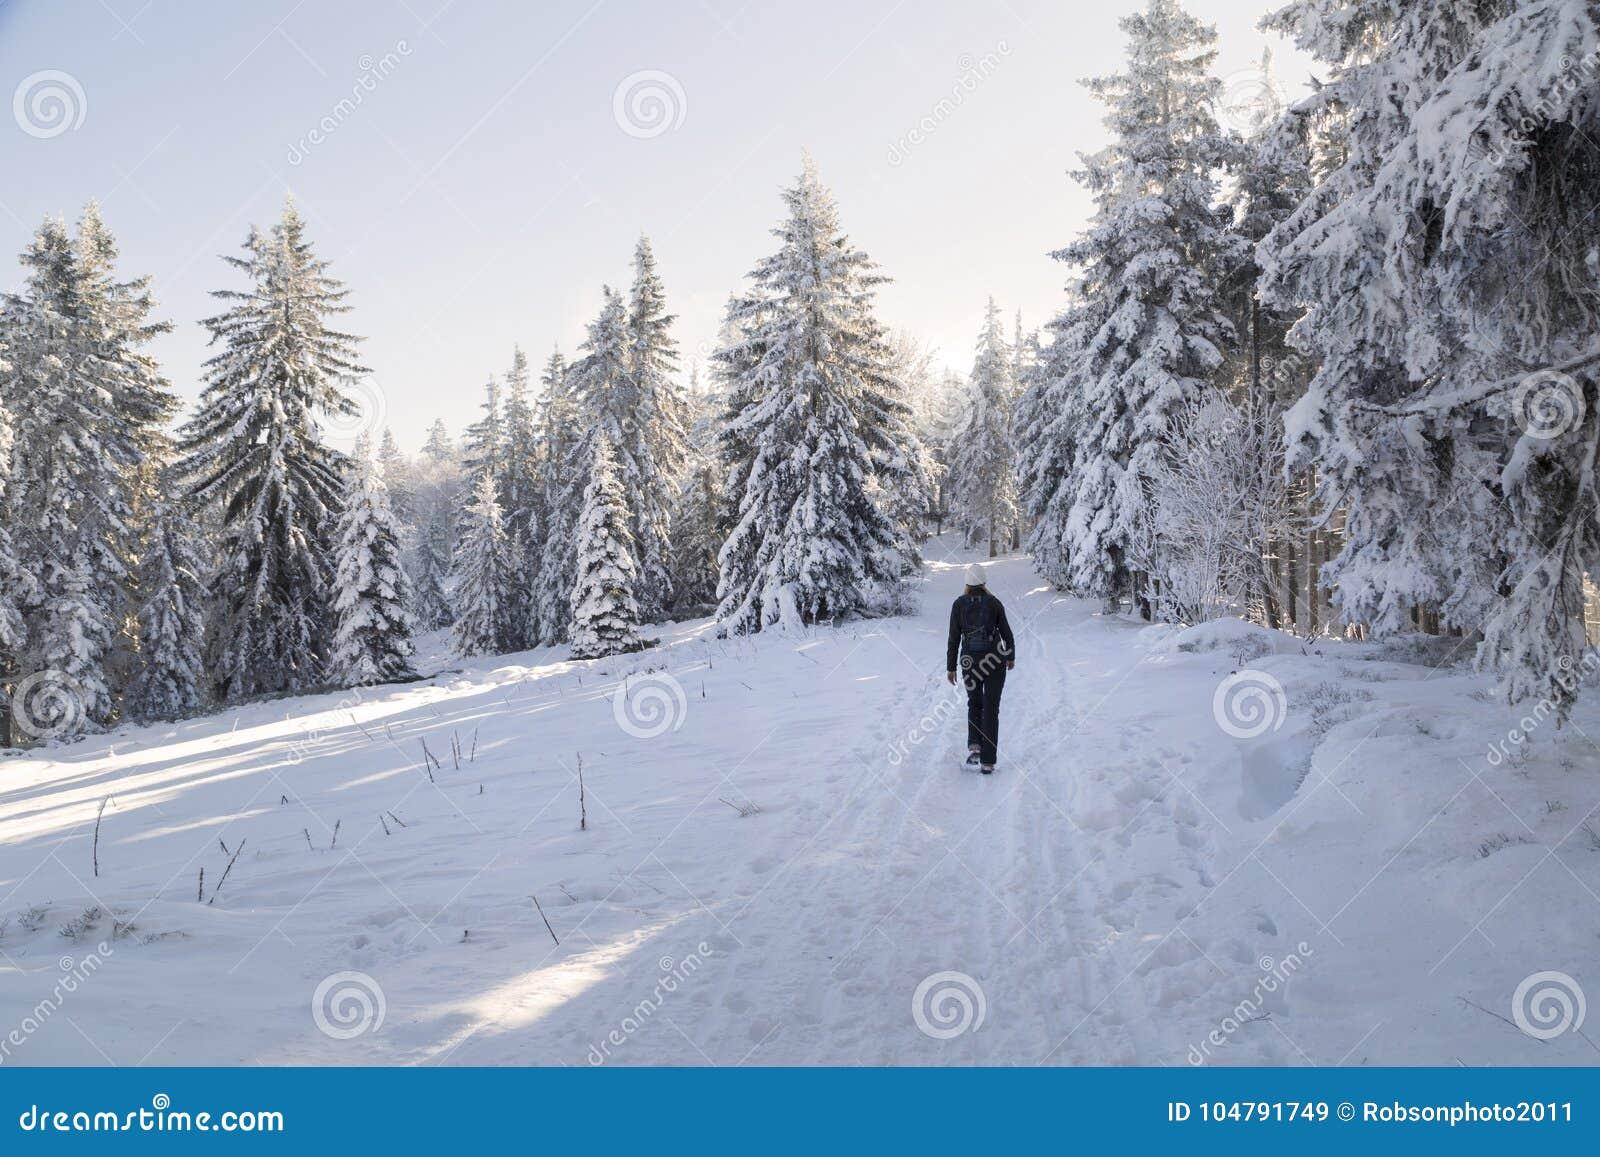 Walking on a sunny snowy landscape